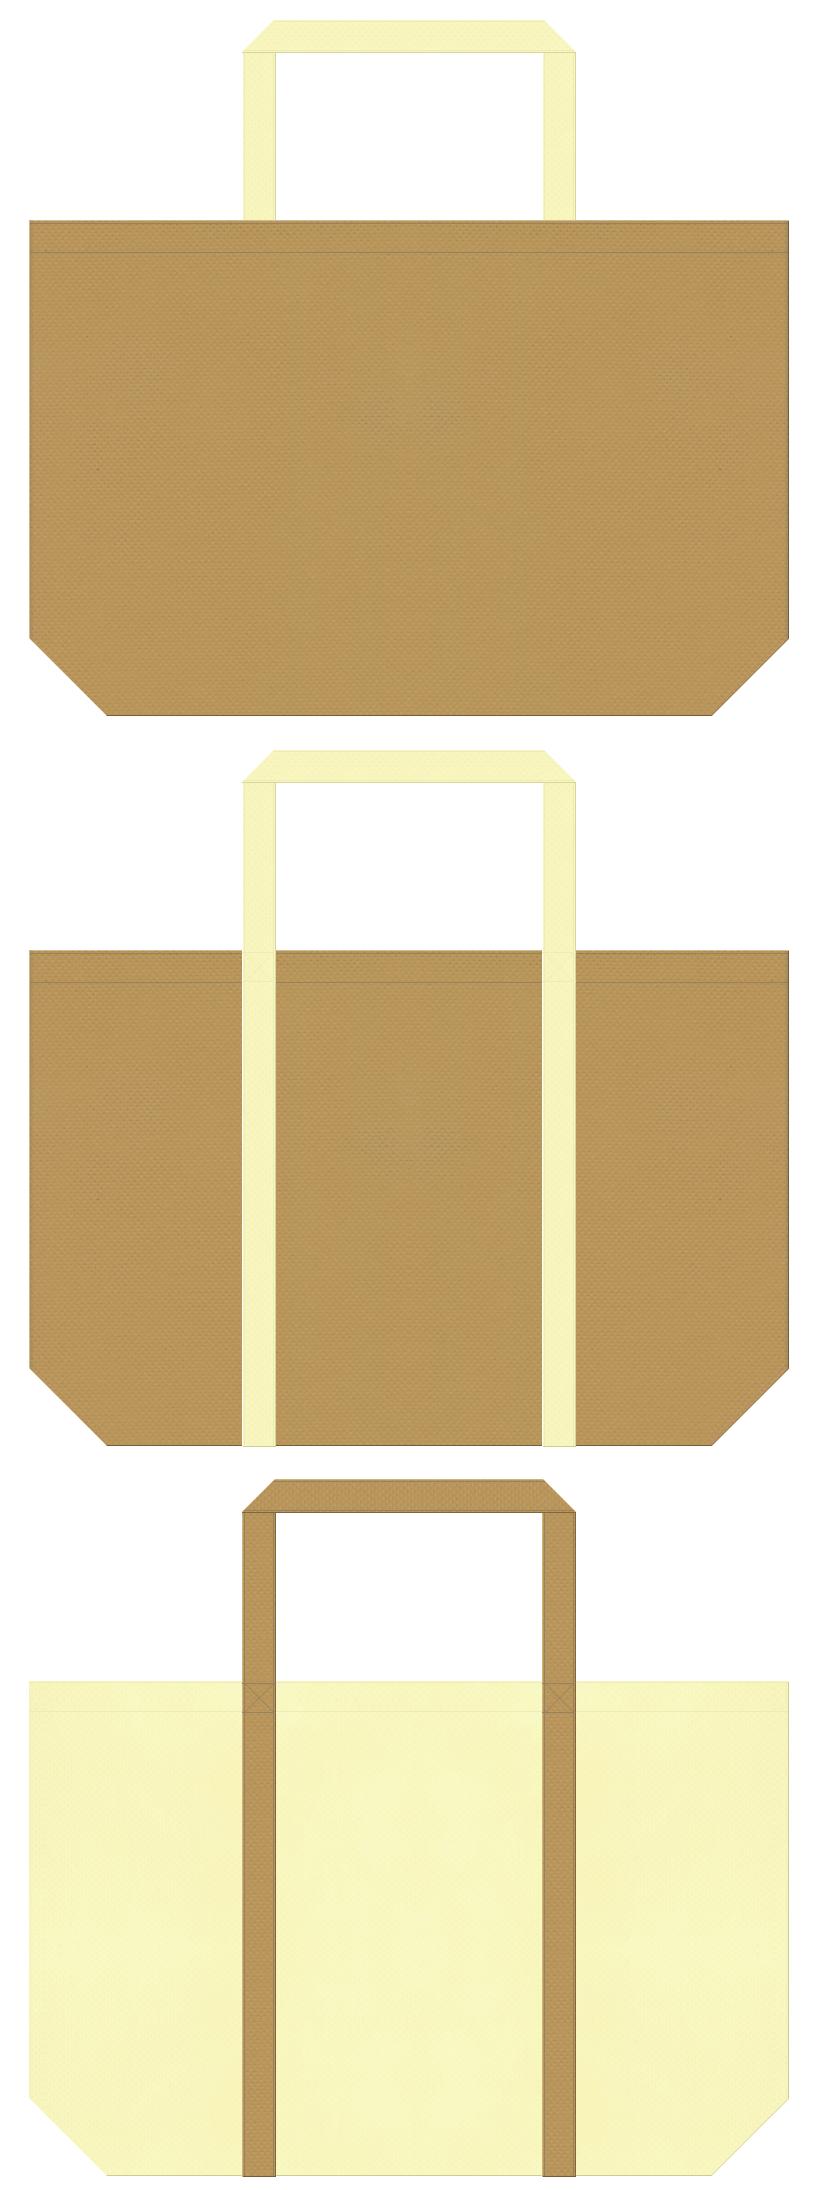 金色系黄土色と薄黄色の不織布バッグデザイン。ベーカリーショップのショッピングバッグにお奨めです。